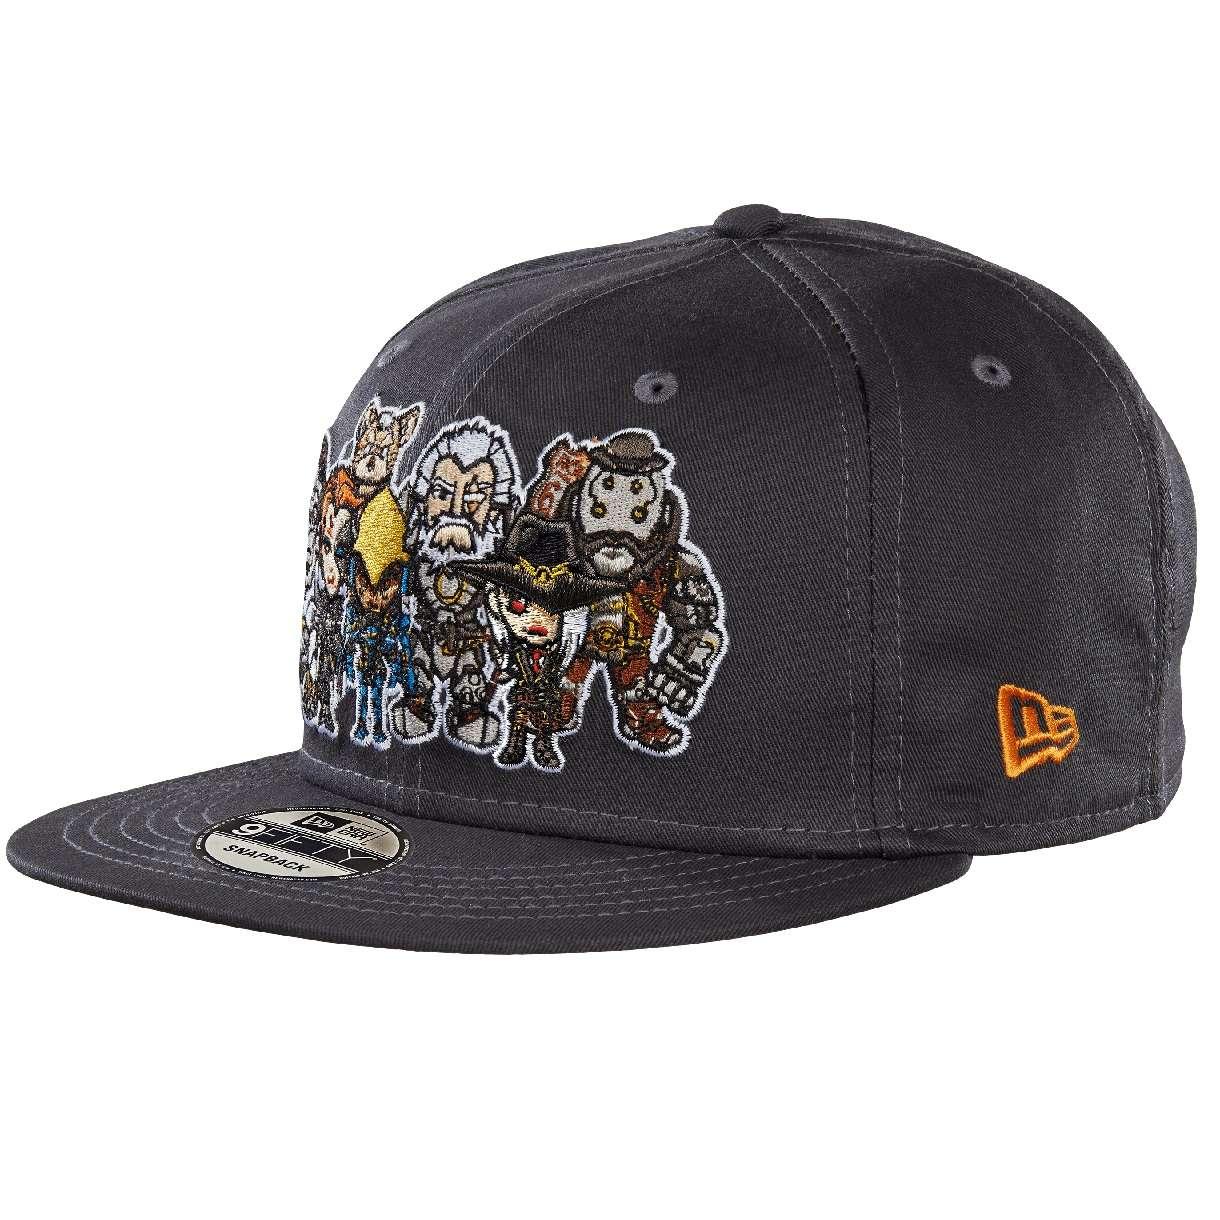 Hat: Overwatch - Tokidoki x Overwatch Team Snapback Hat Photo